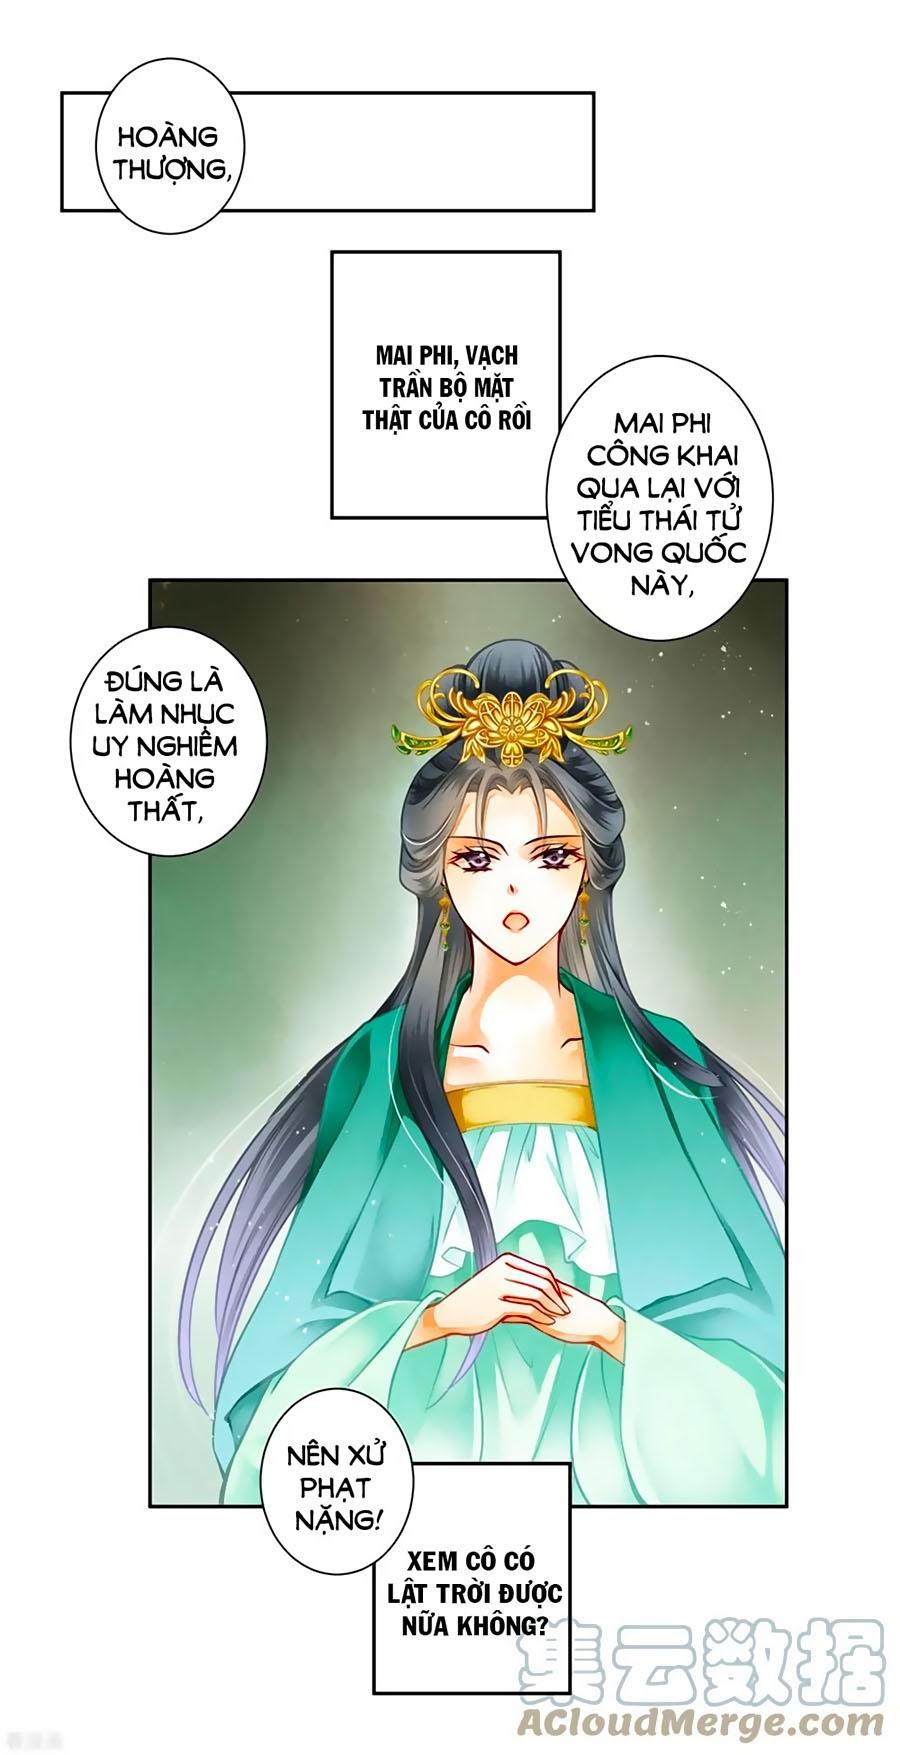 Ái Thượng Vô Địch Tiếu Hoàng Hậu chap 131 - Trang 12